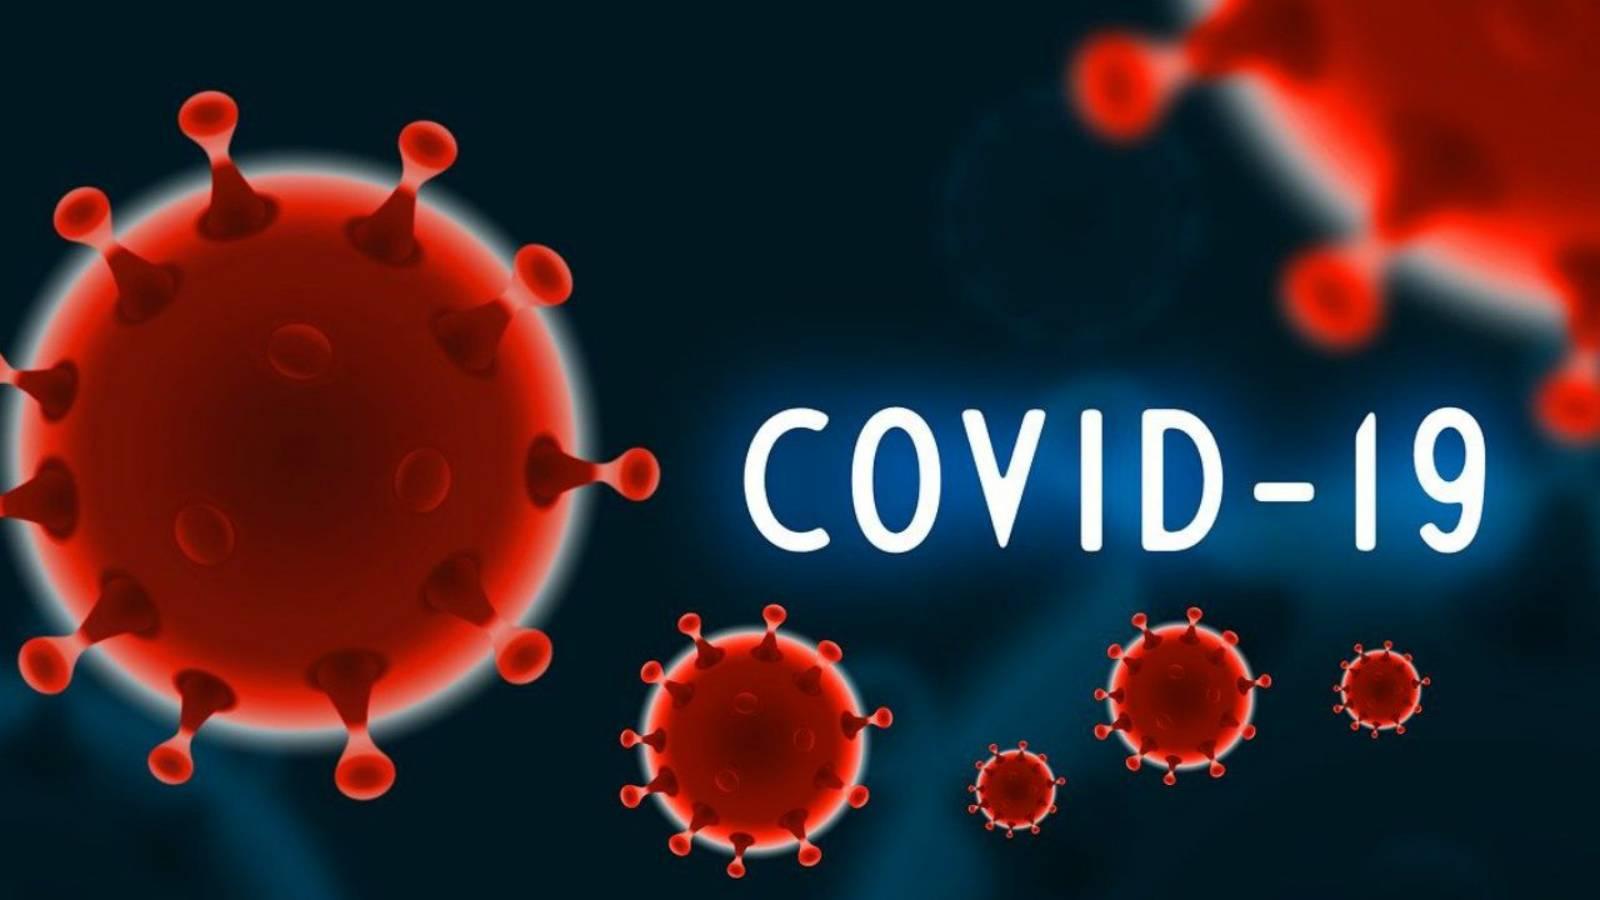 COVID-19 24 Centre Vaccinare Johnson & Johnson Romania